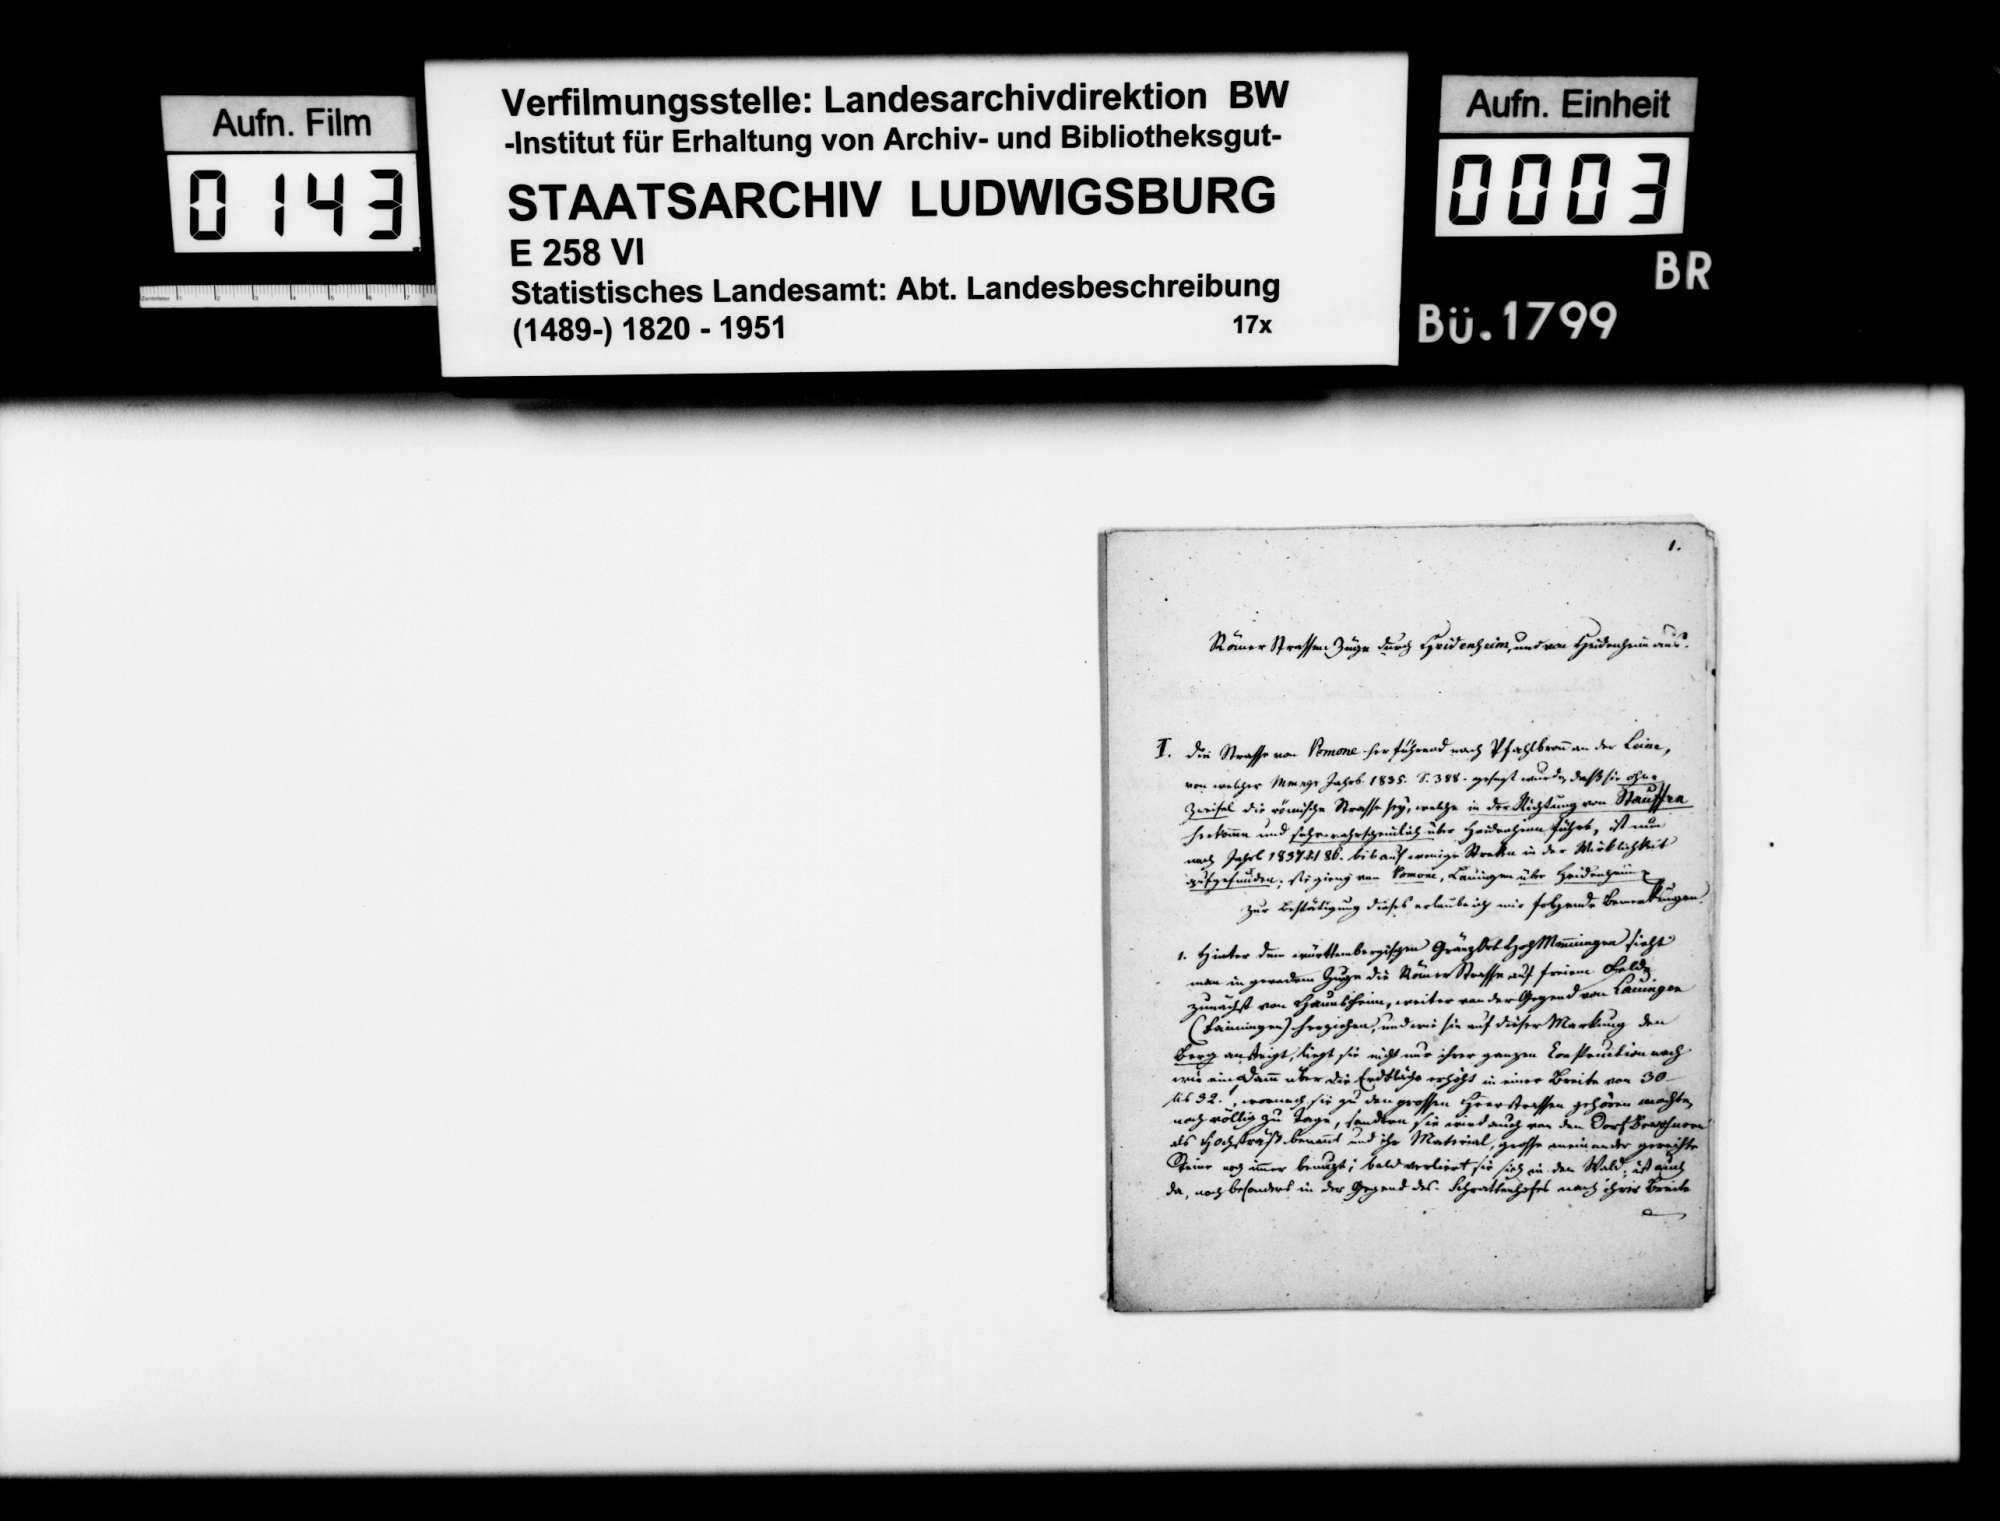 Mitteilungen des Diakons Klemm aus Giengen zu den Römerstraßen durch das Oberamt und zur Identifikation von Giengen als römisches Riusiava, Bild 2